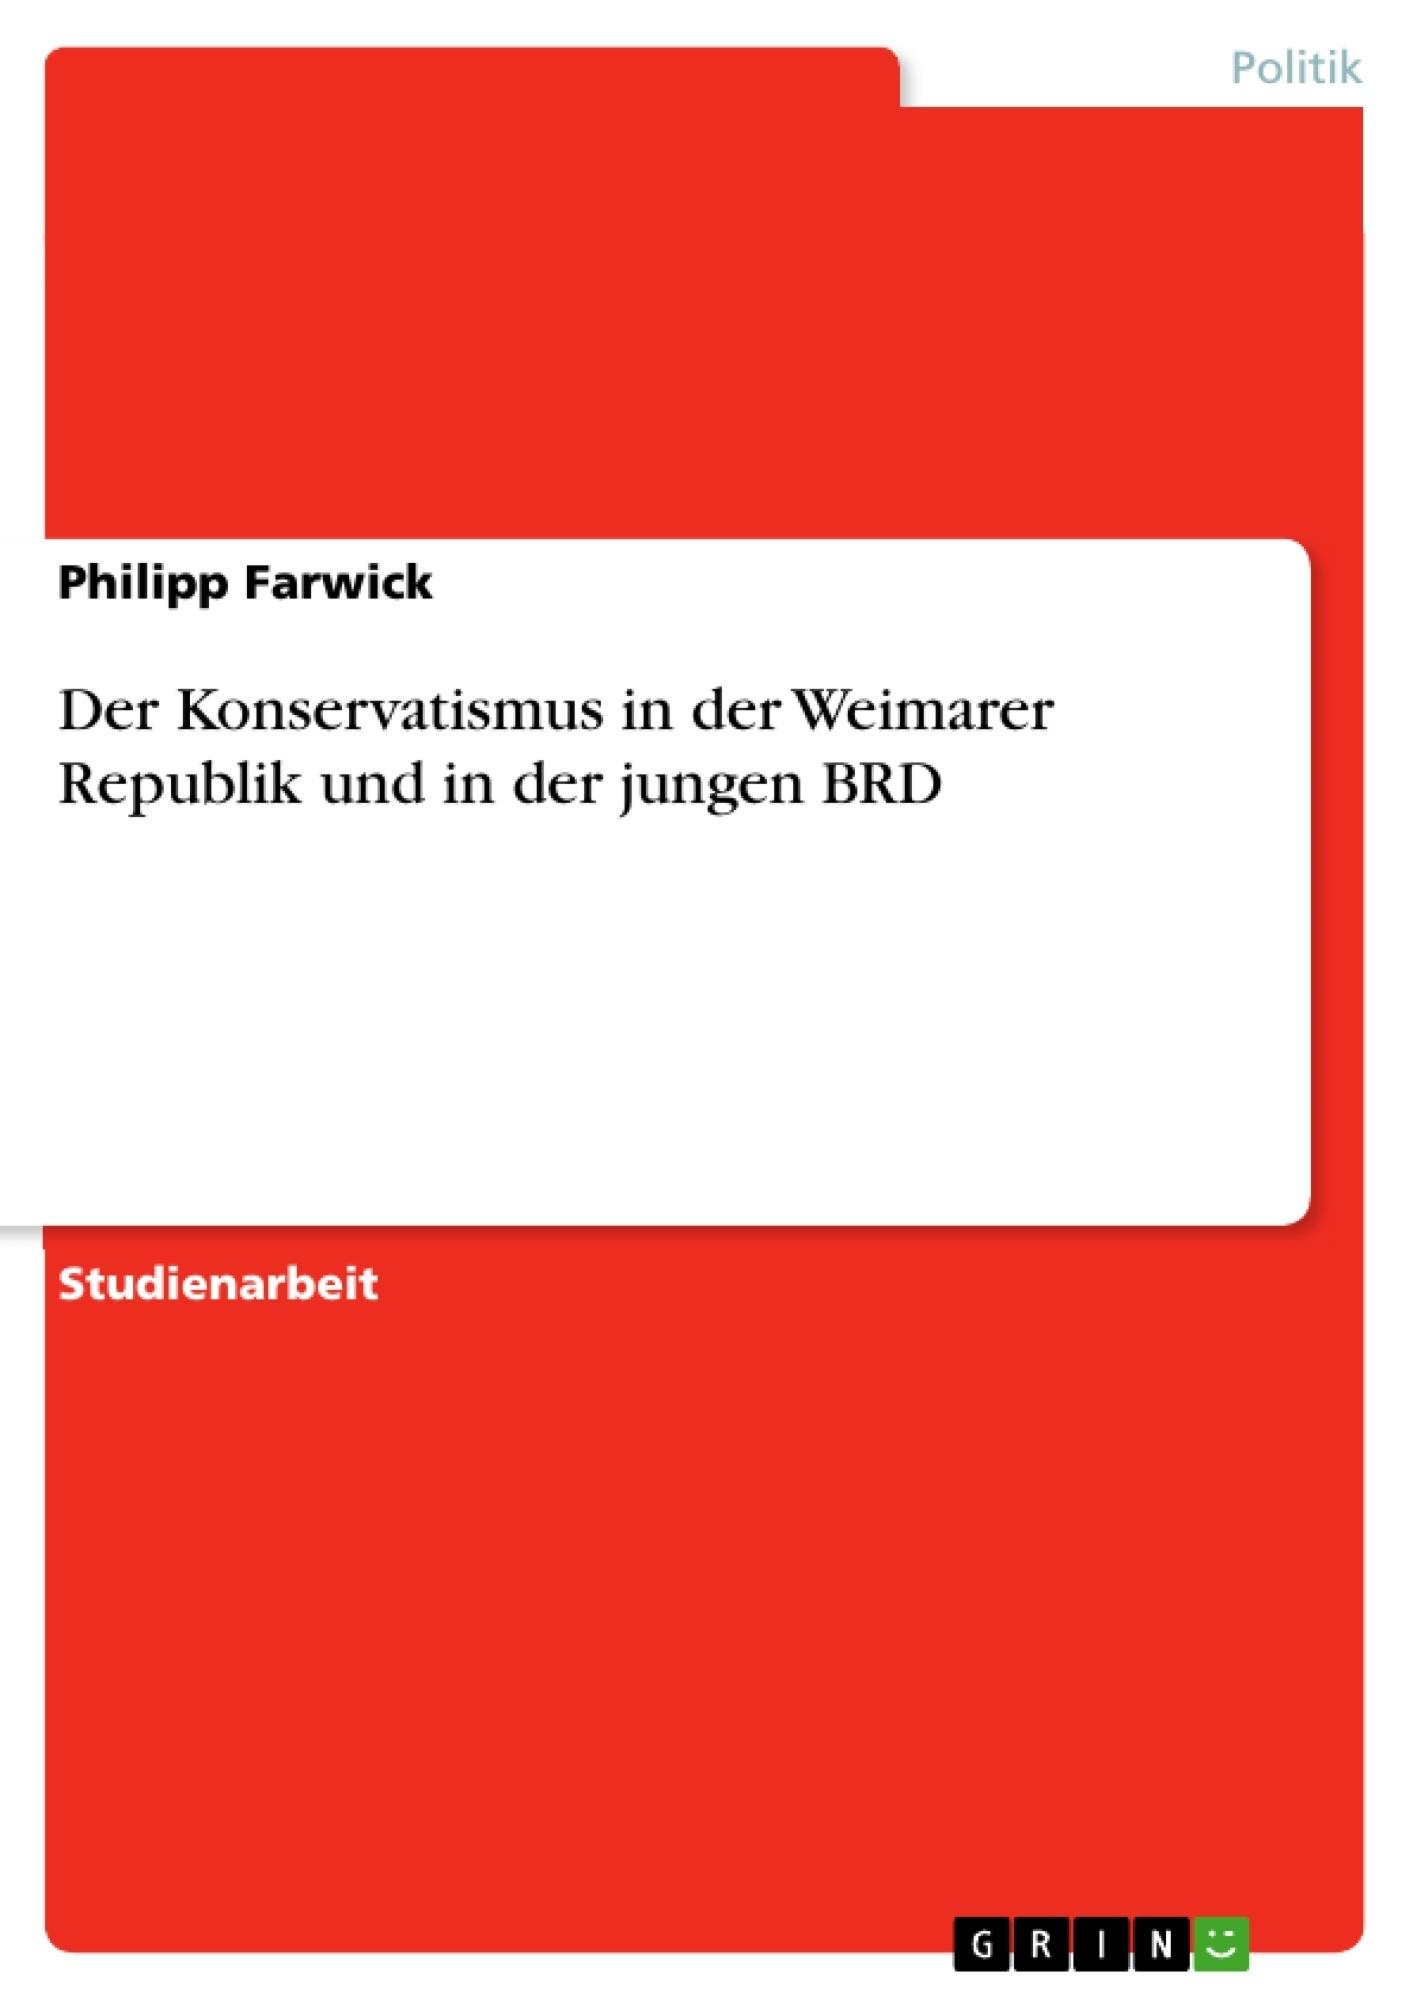 Titel: Der Konservatismus in der Weimarer Republik und in der jungen BRD